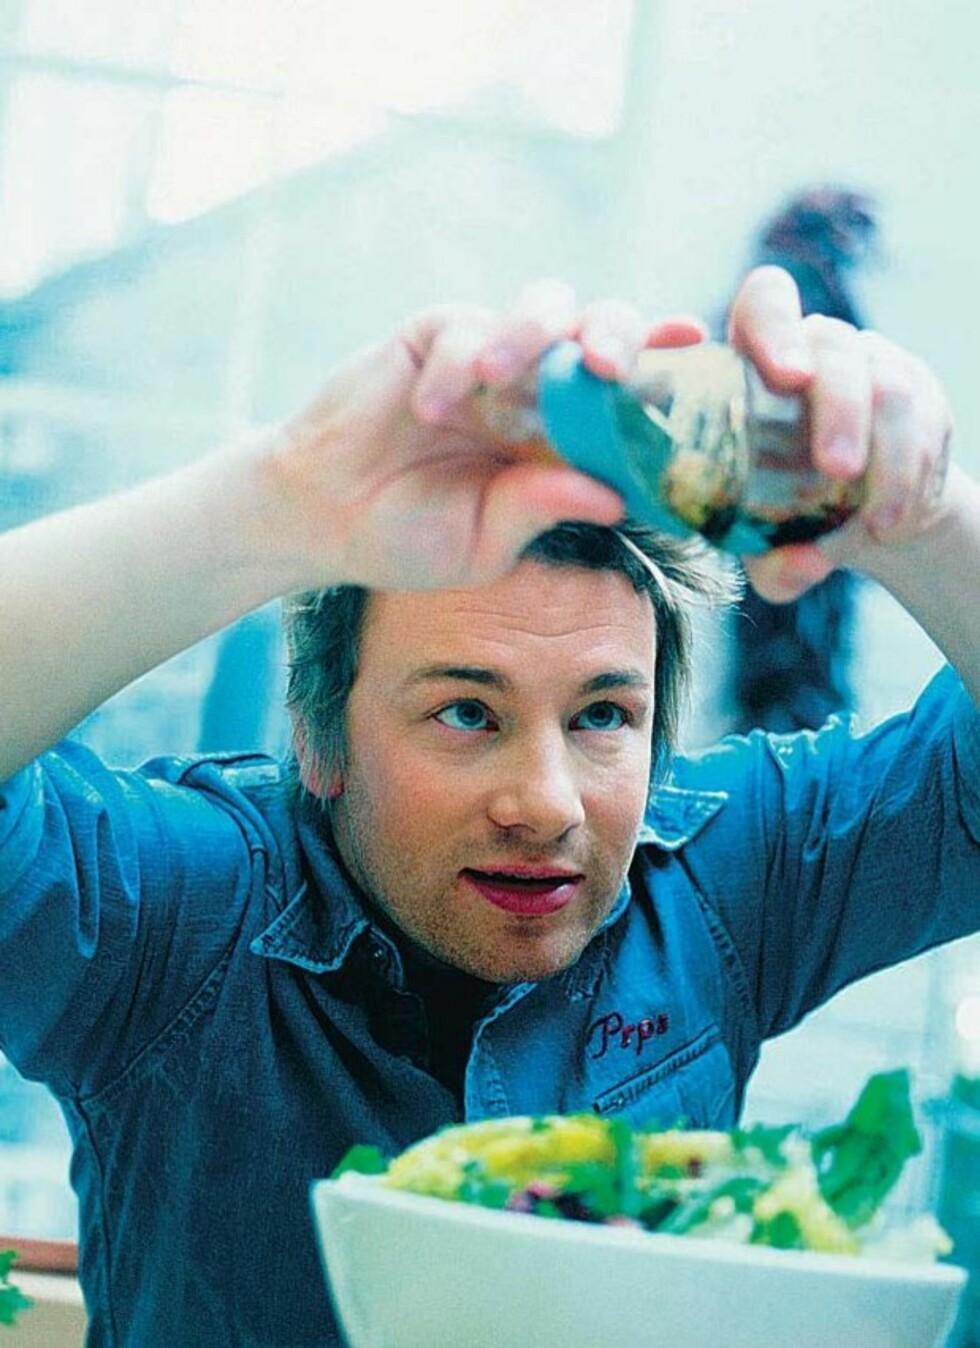 Jamie Oliver ble verdenskjent som kokk for BBC. Etter hvert har han slåptt seg stort opp med både kokebøker, restauranter og kjøkkenredskaper.